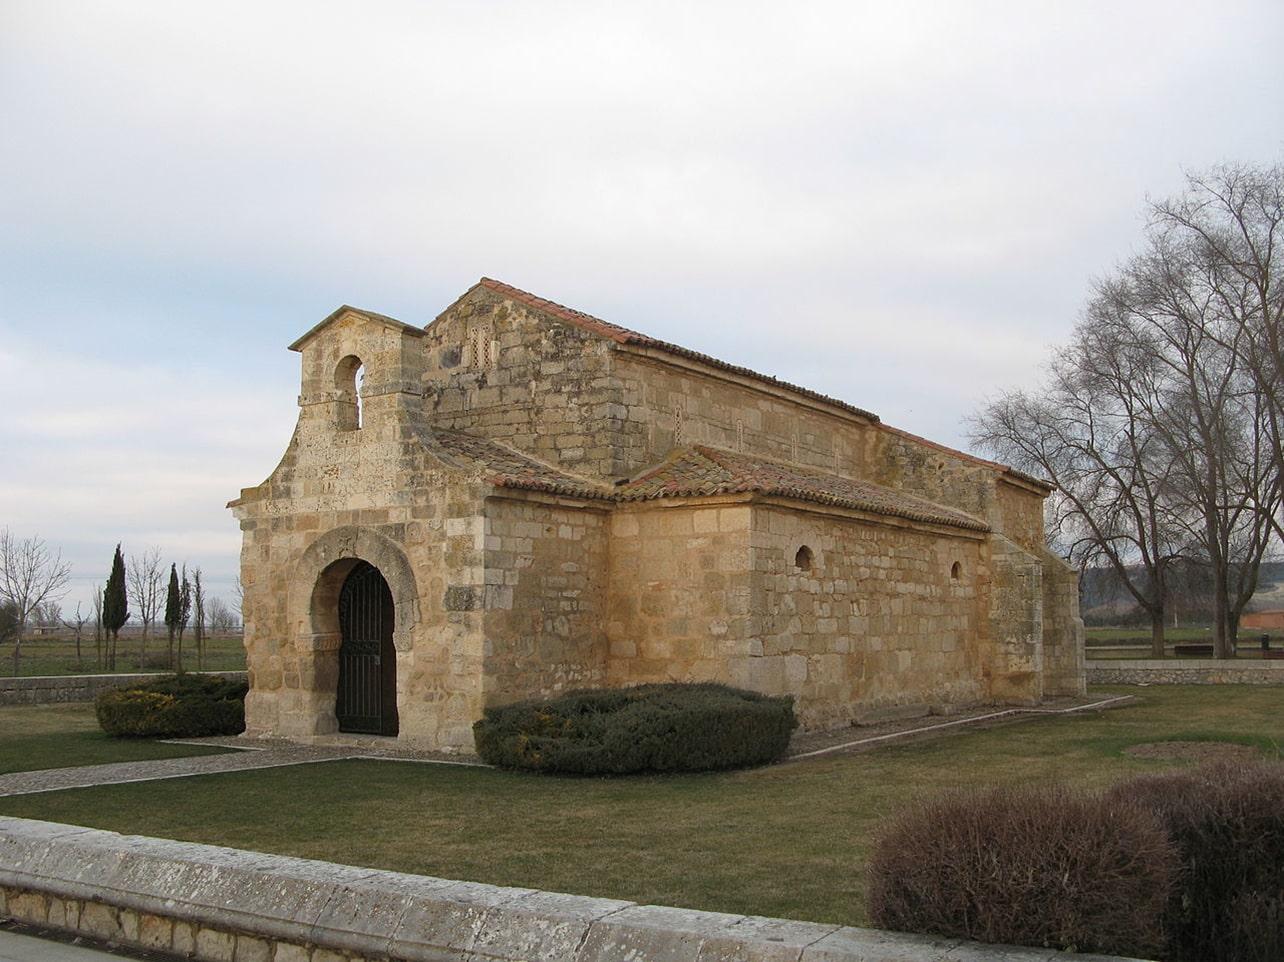 Palencia - Orígenes de Europa